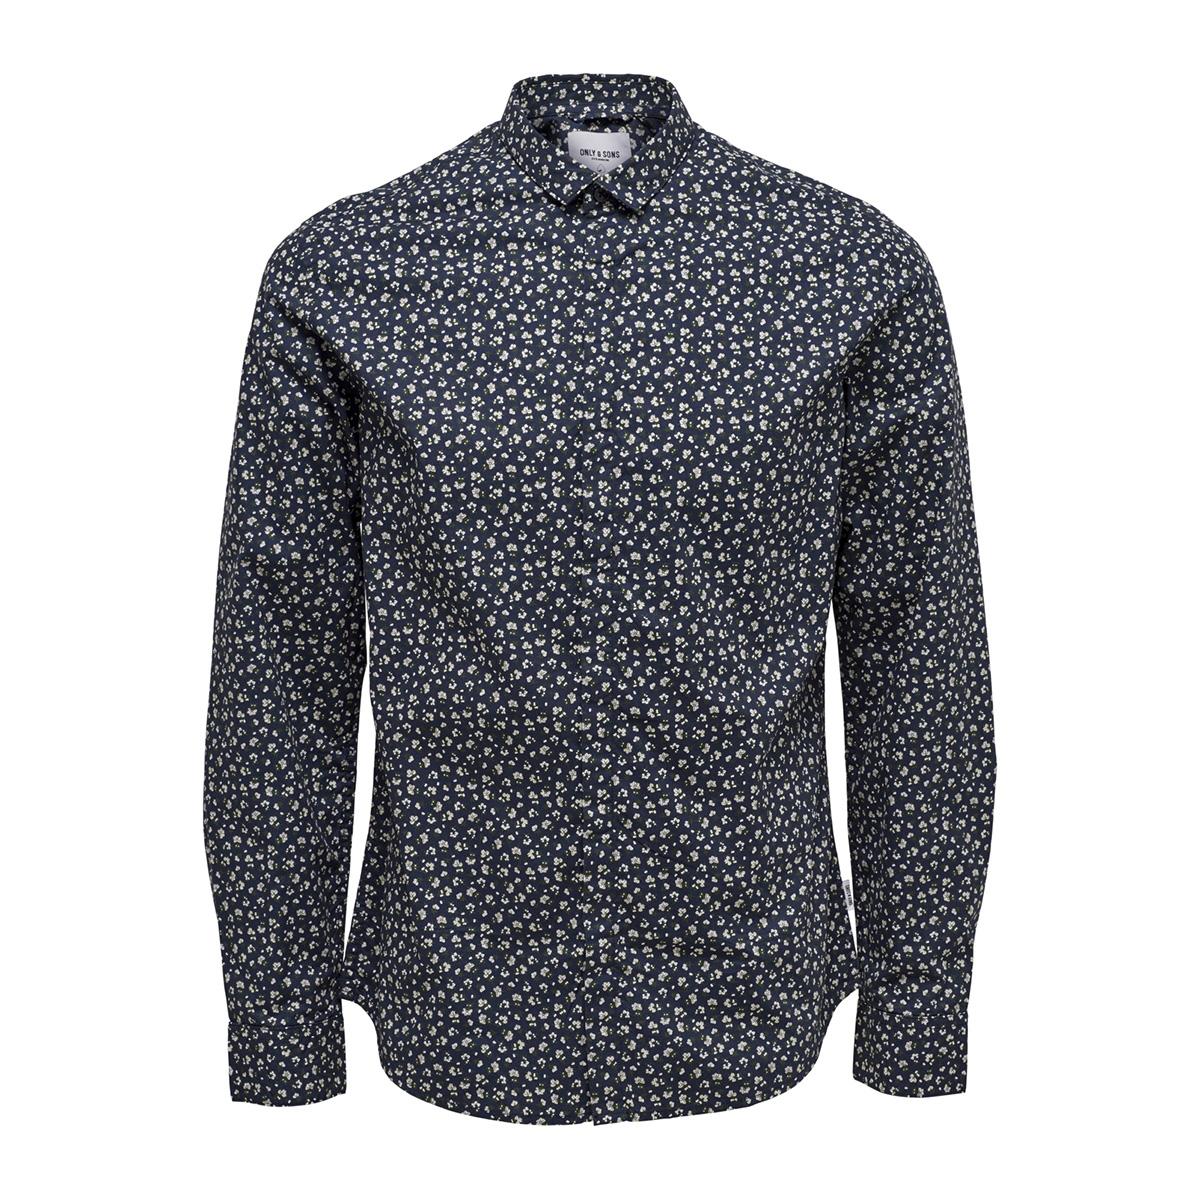 T Shirt Overhemd.Onstodd Ls Cutaway Aop Shirt 22012322 Only Sons Overhemd Dark Navy